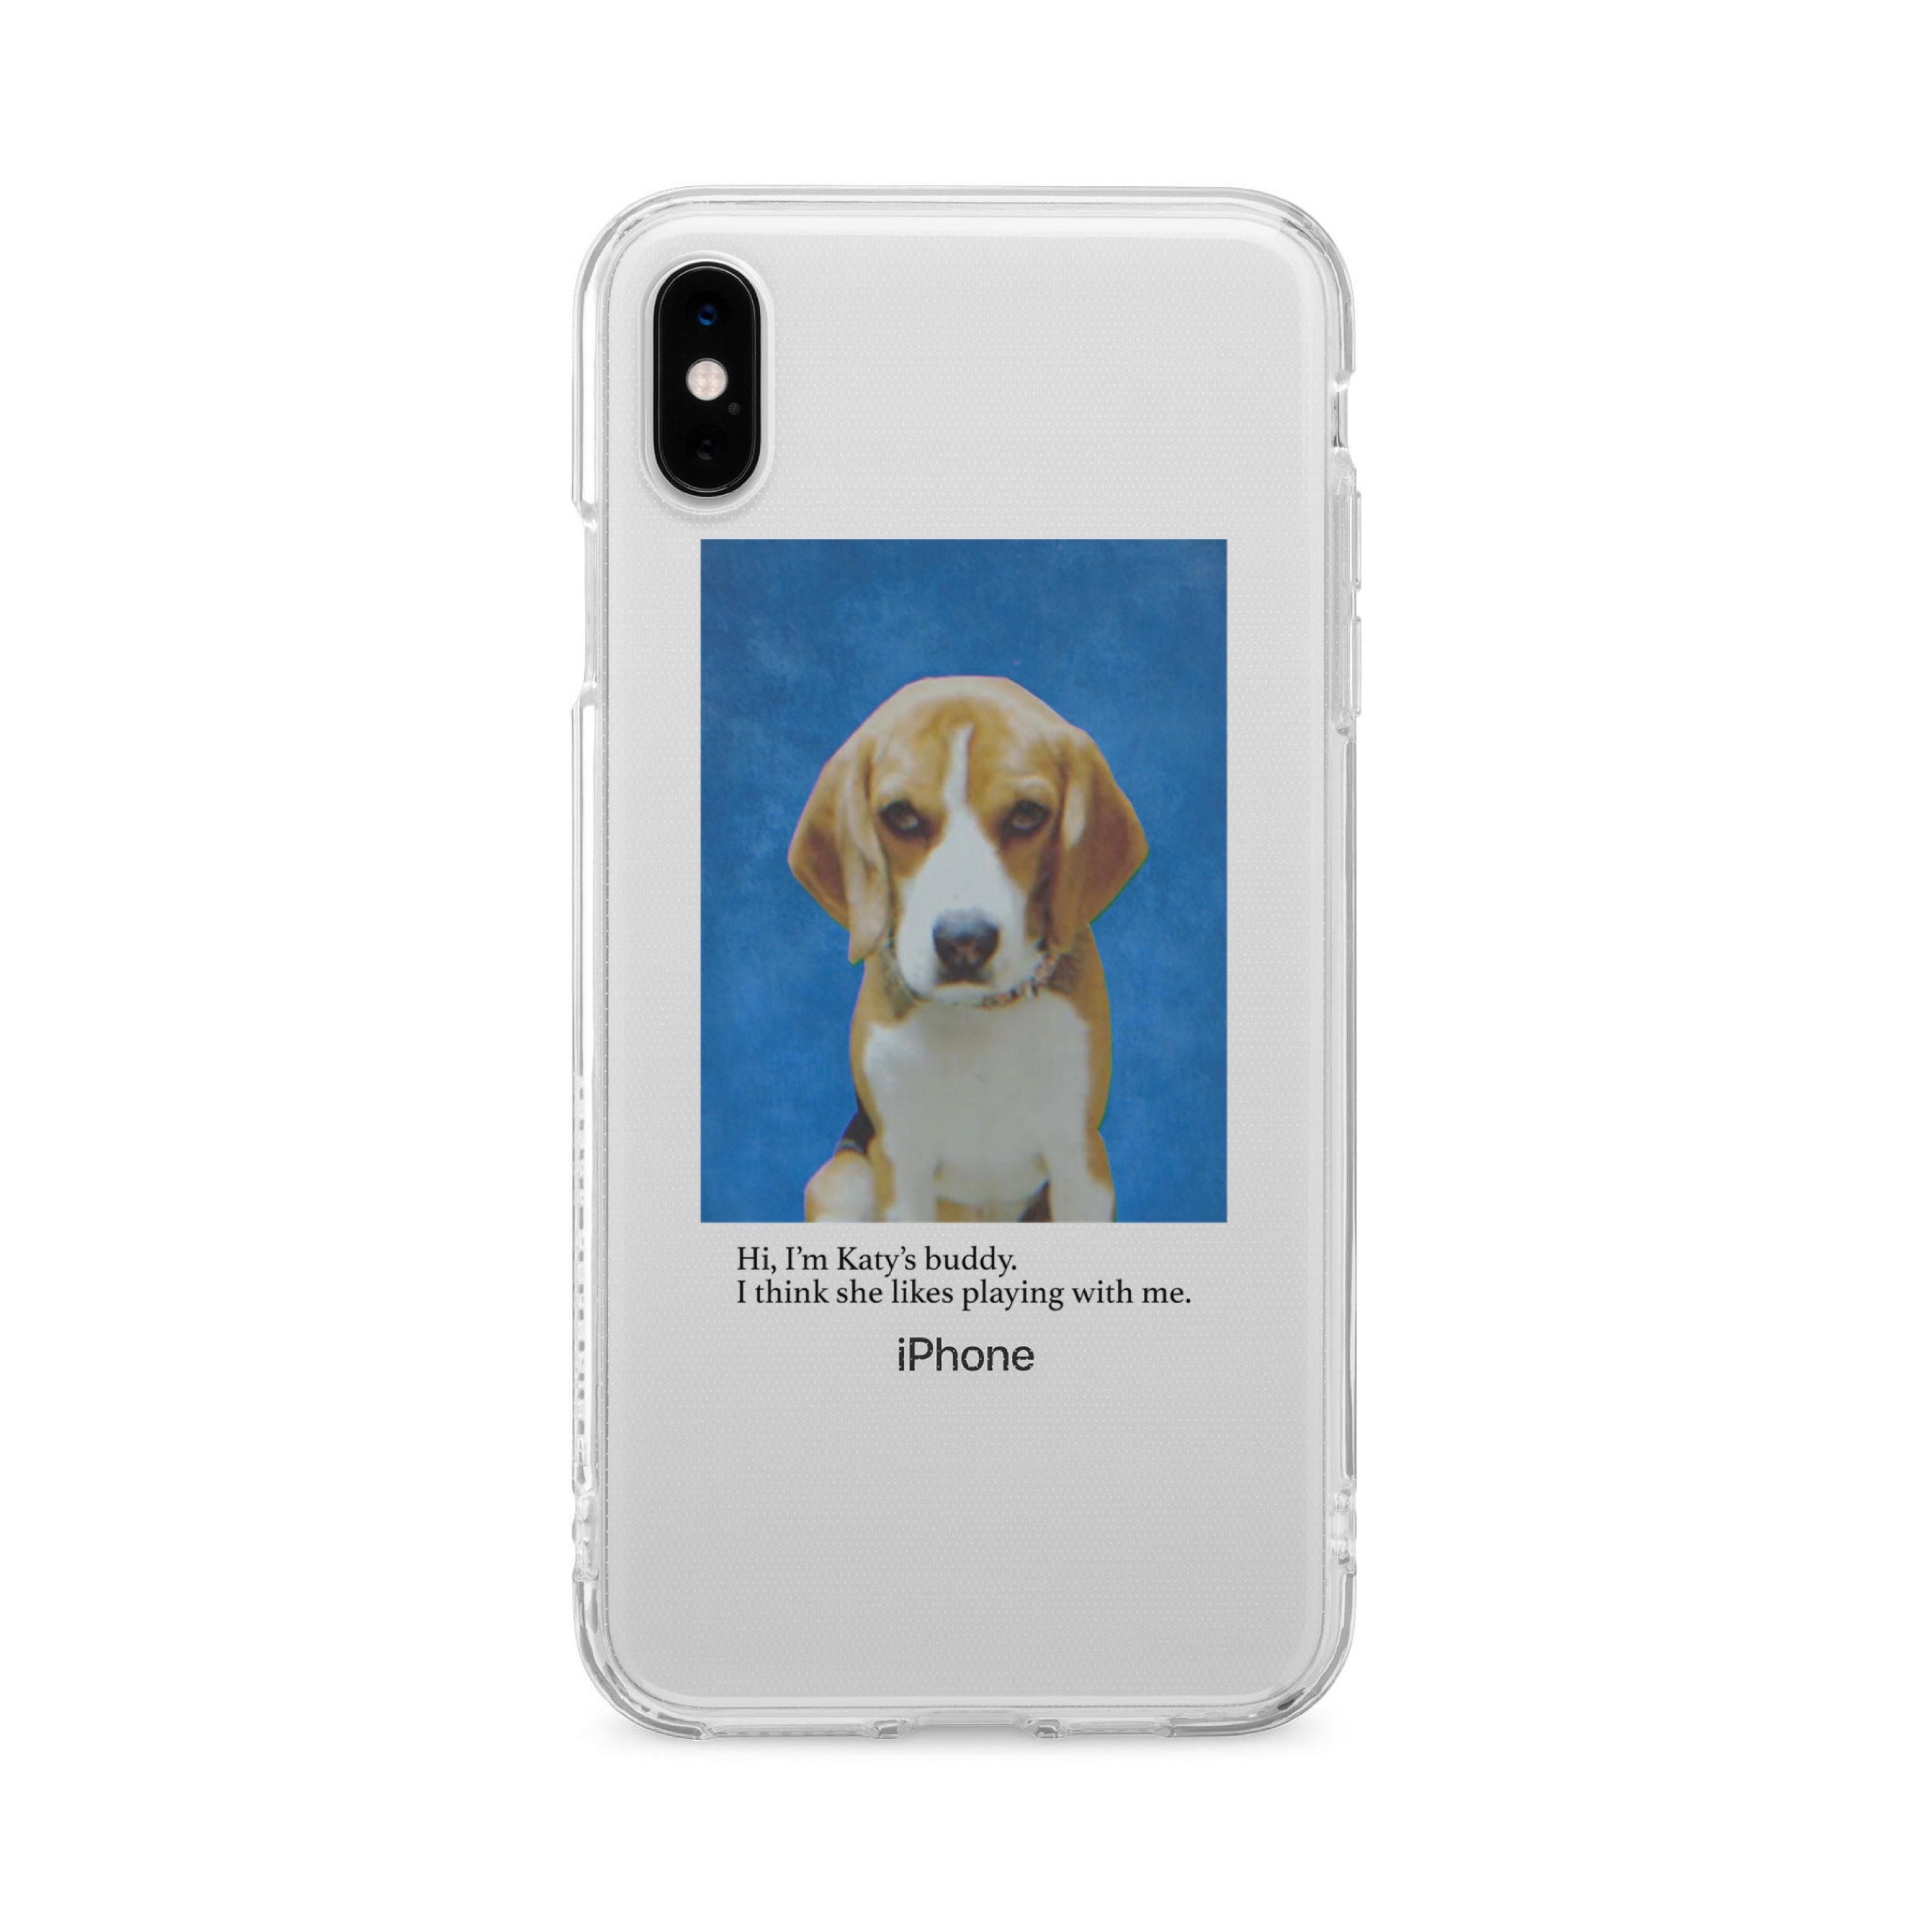 Katy's Dog iPhone Case